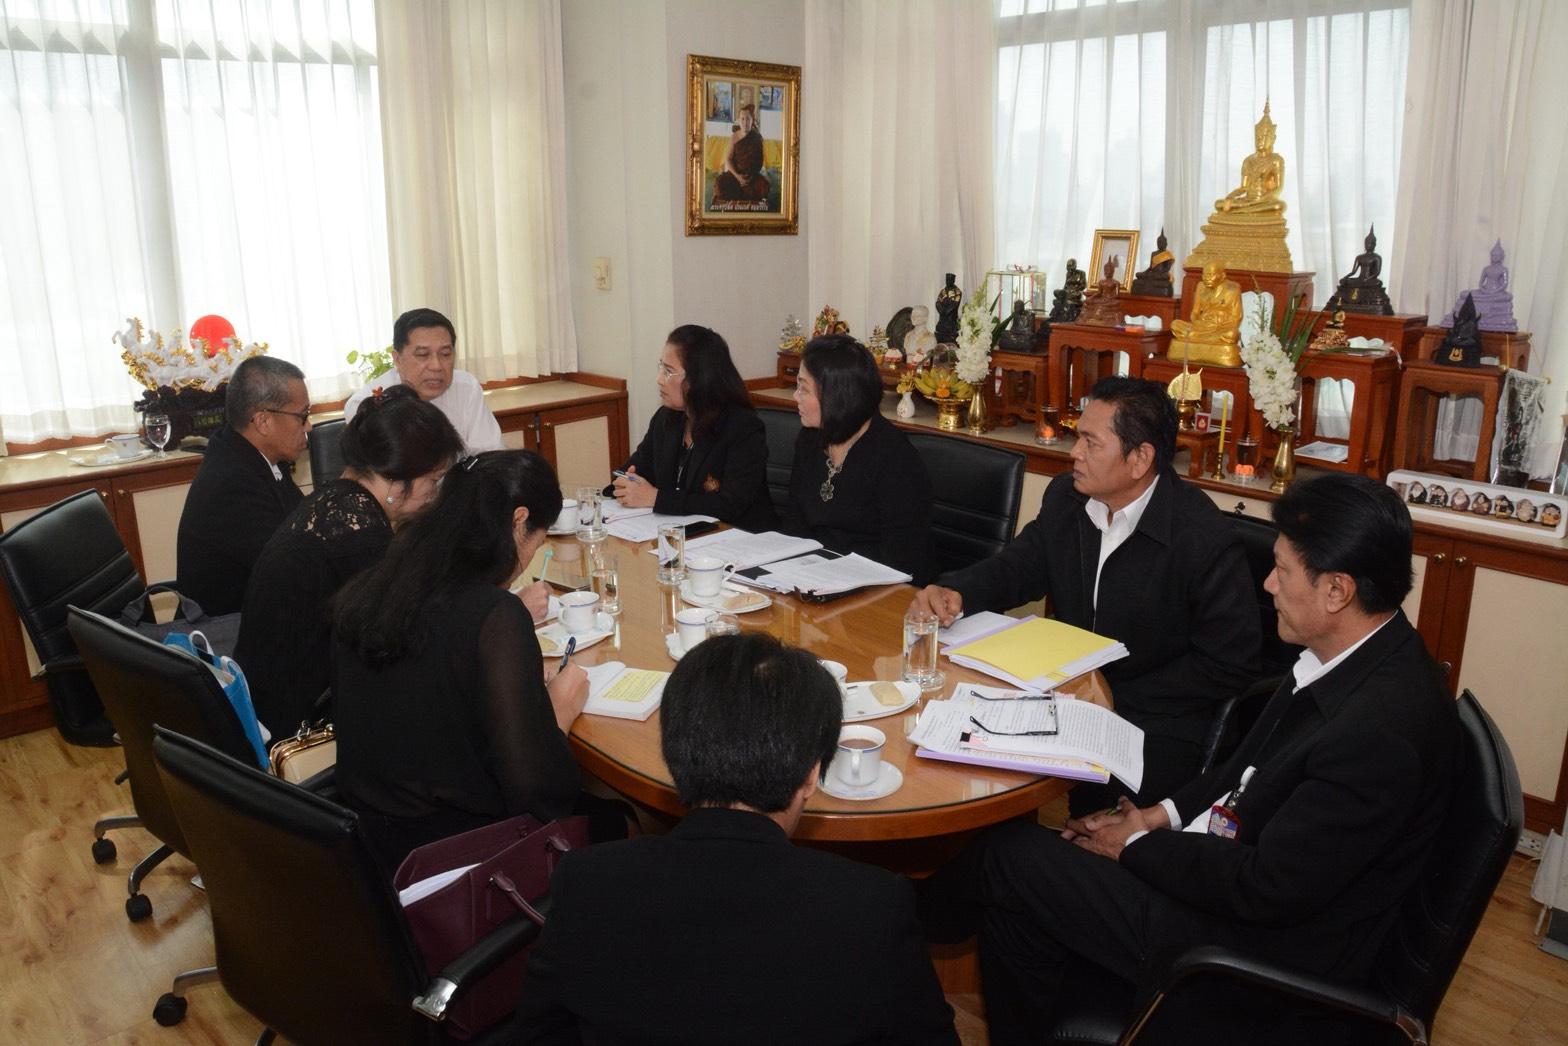 กรมการจัดหางานร่วมหารือกรมการกงสุลเกี่ยวกับแนวทางแก้ไขปัญหาแรงงานไทยไปเก็บผลไม้ป่าที่ฟินแลนด์